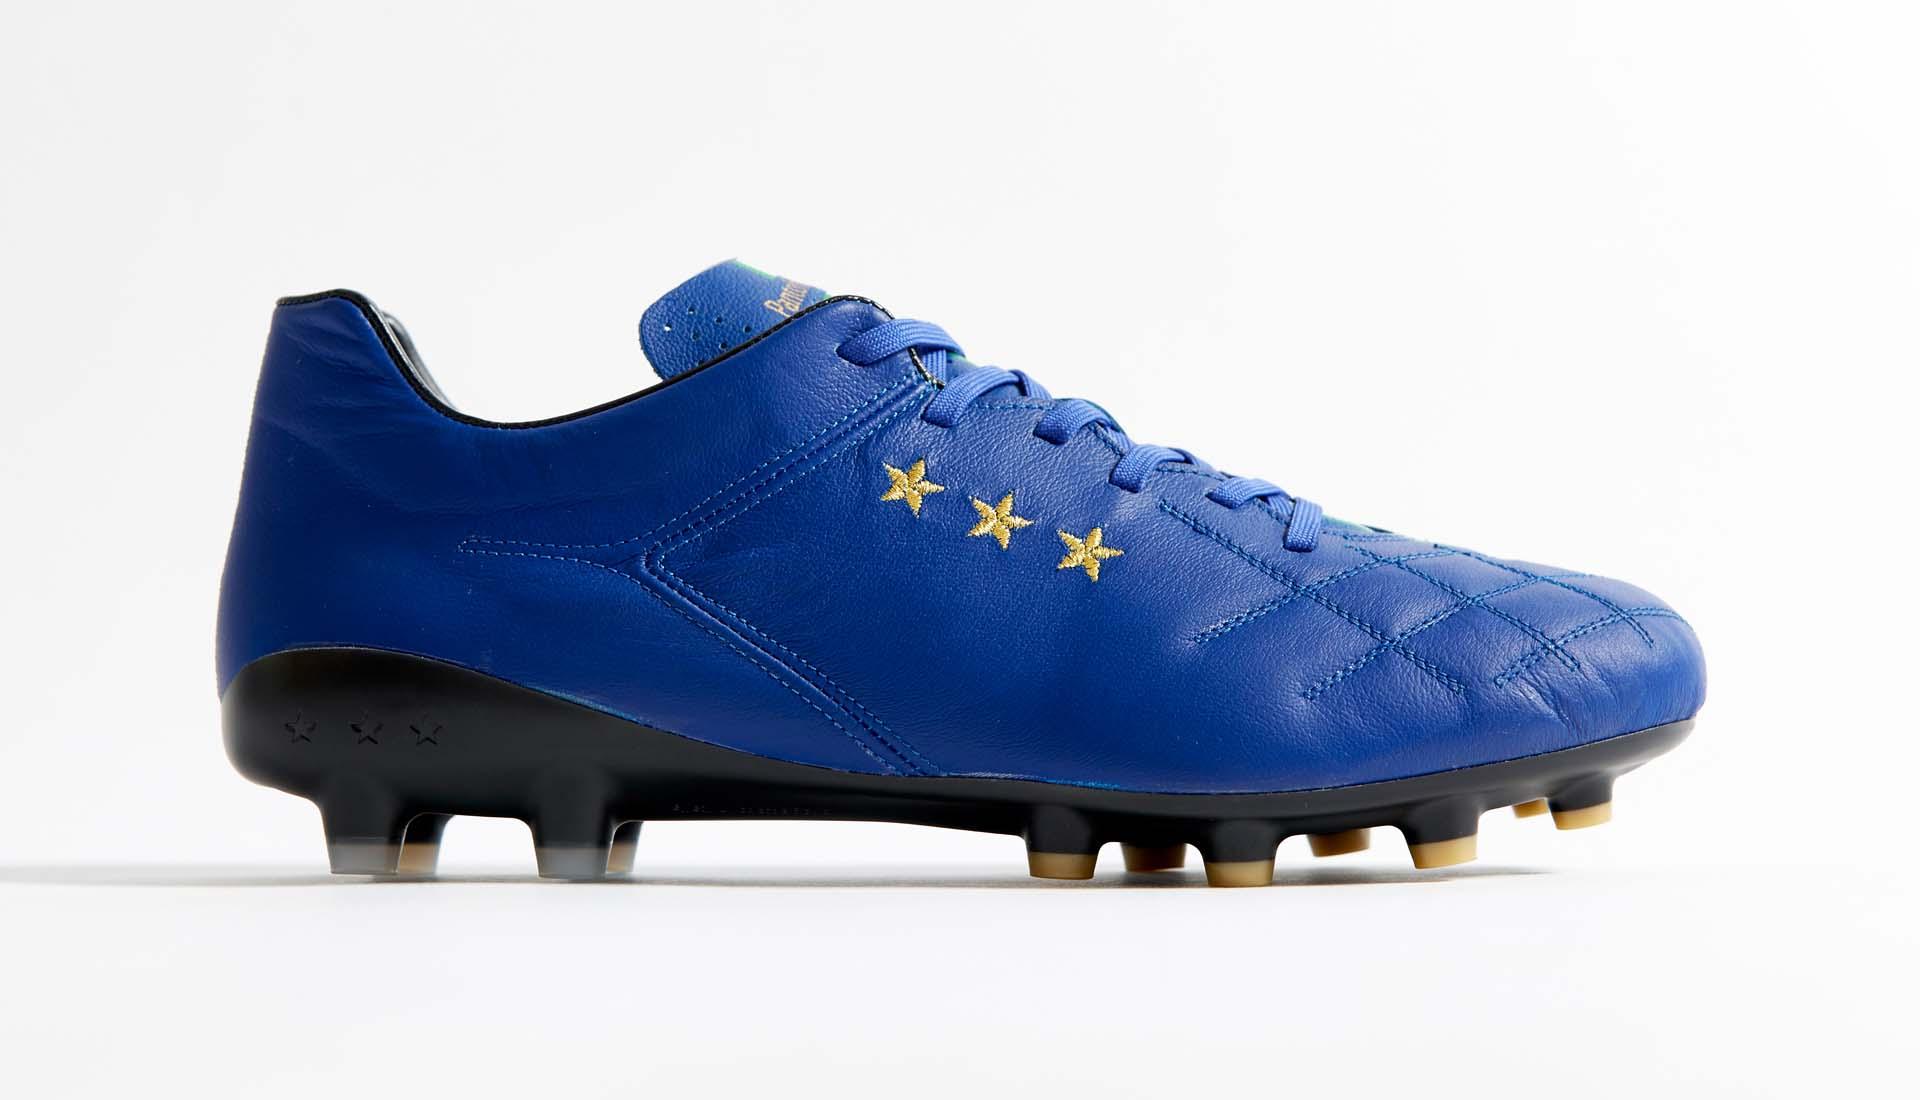 chaussure-foot-pantofola-doro-superleggera-royal-gold 2